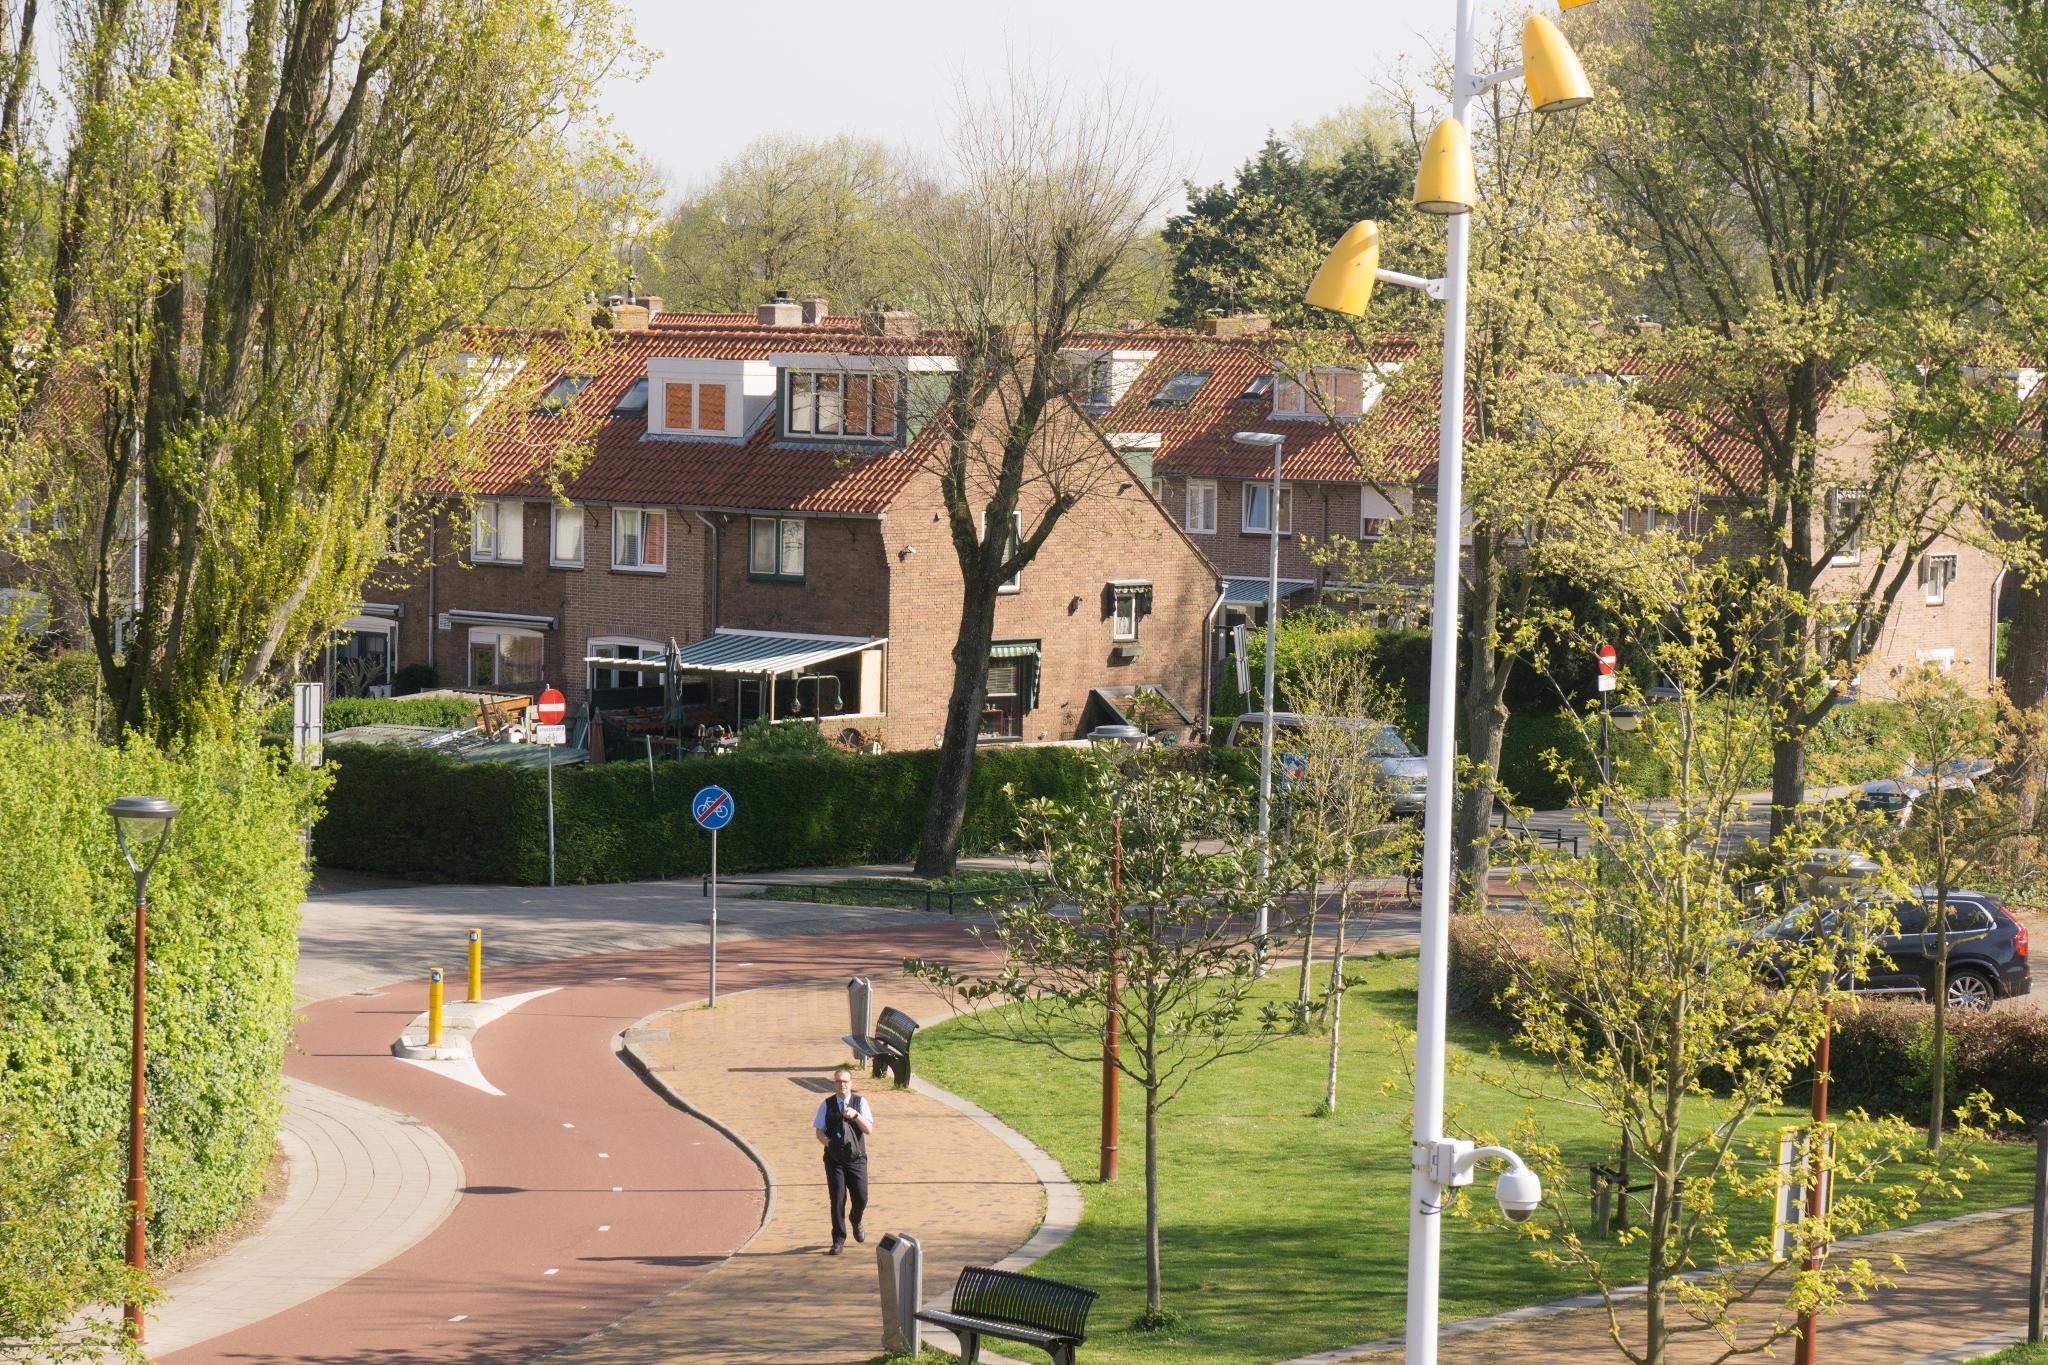 【荷蘭印象】體驗道地的荷式風情 — Alkmaar 起司市集 散步路線整理 11